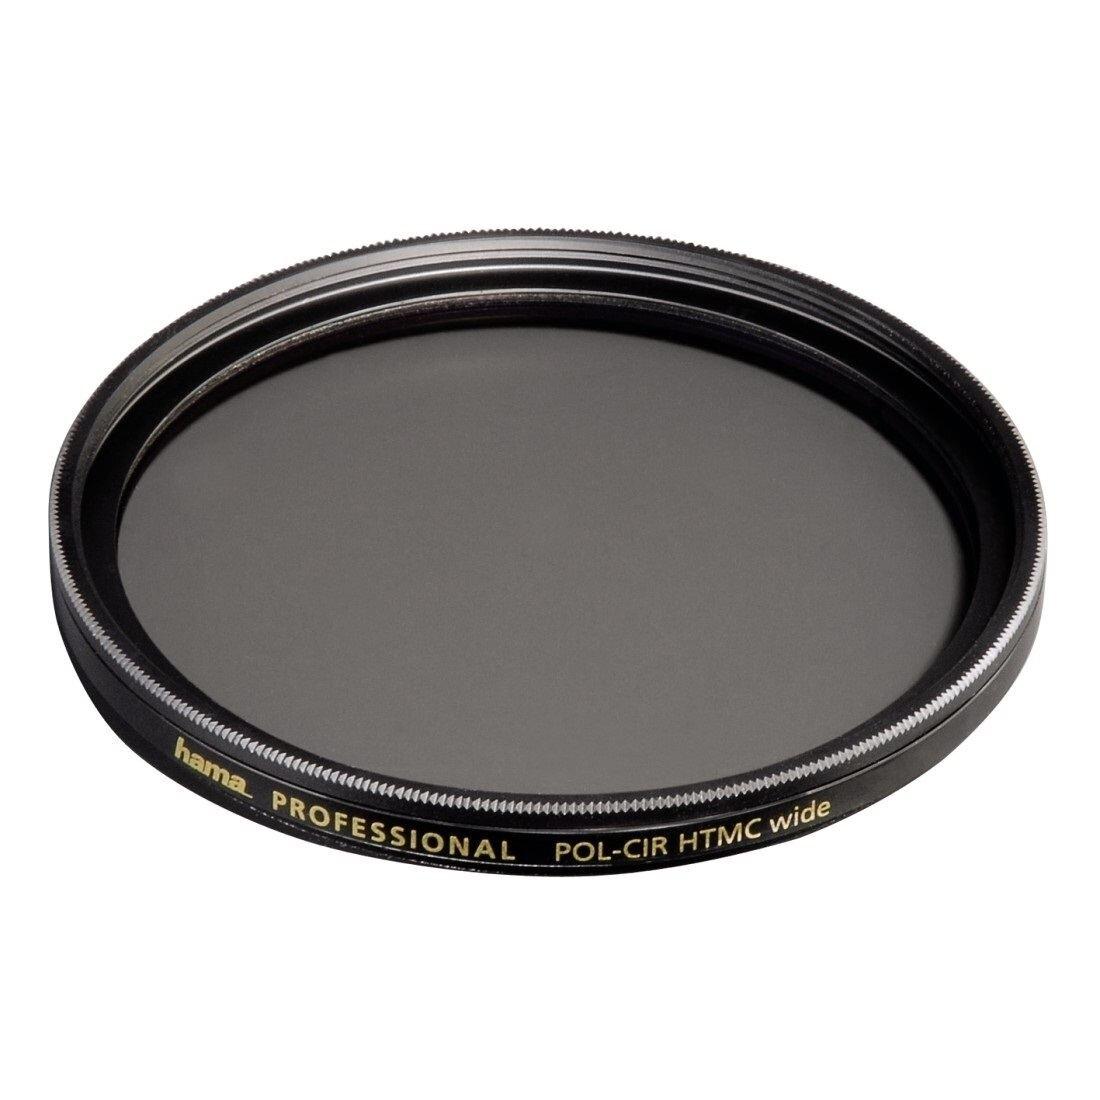 Hama Pol-Cir Filter HTMC Wide 82 mm